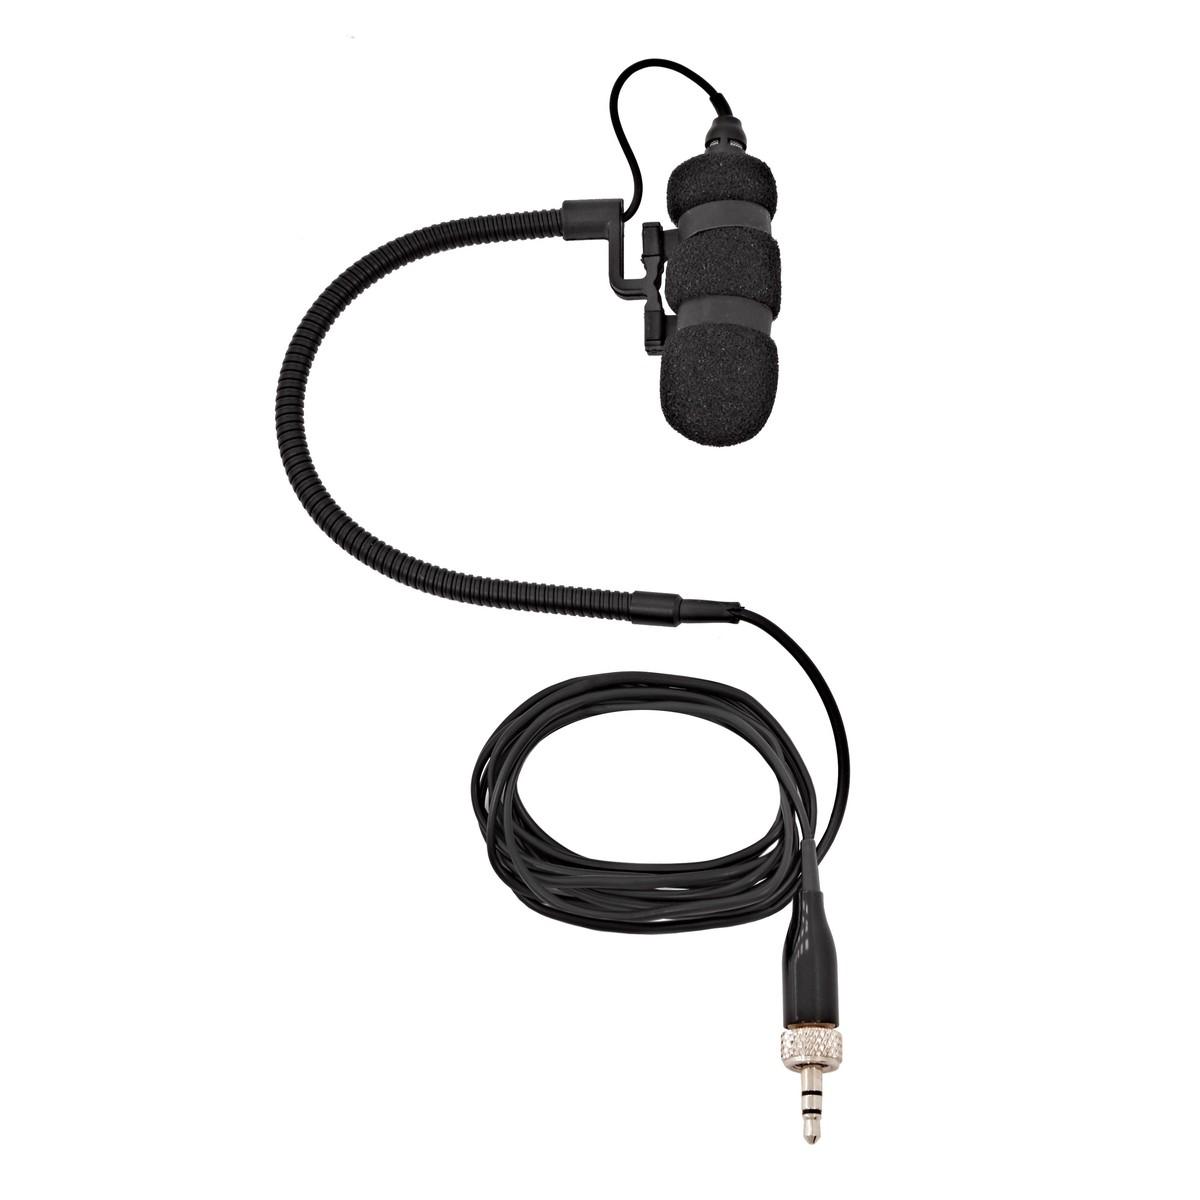 Mikrofontyper til salgs hos Gear4music